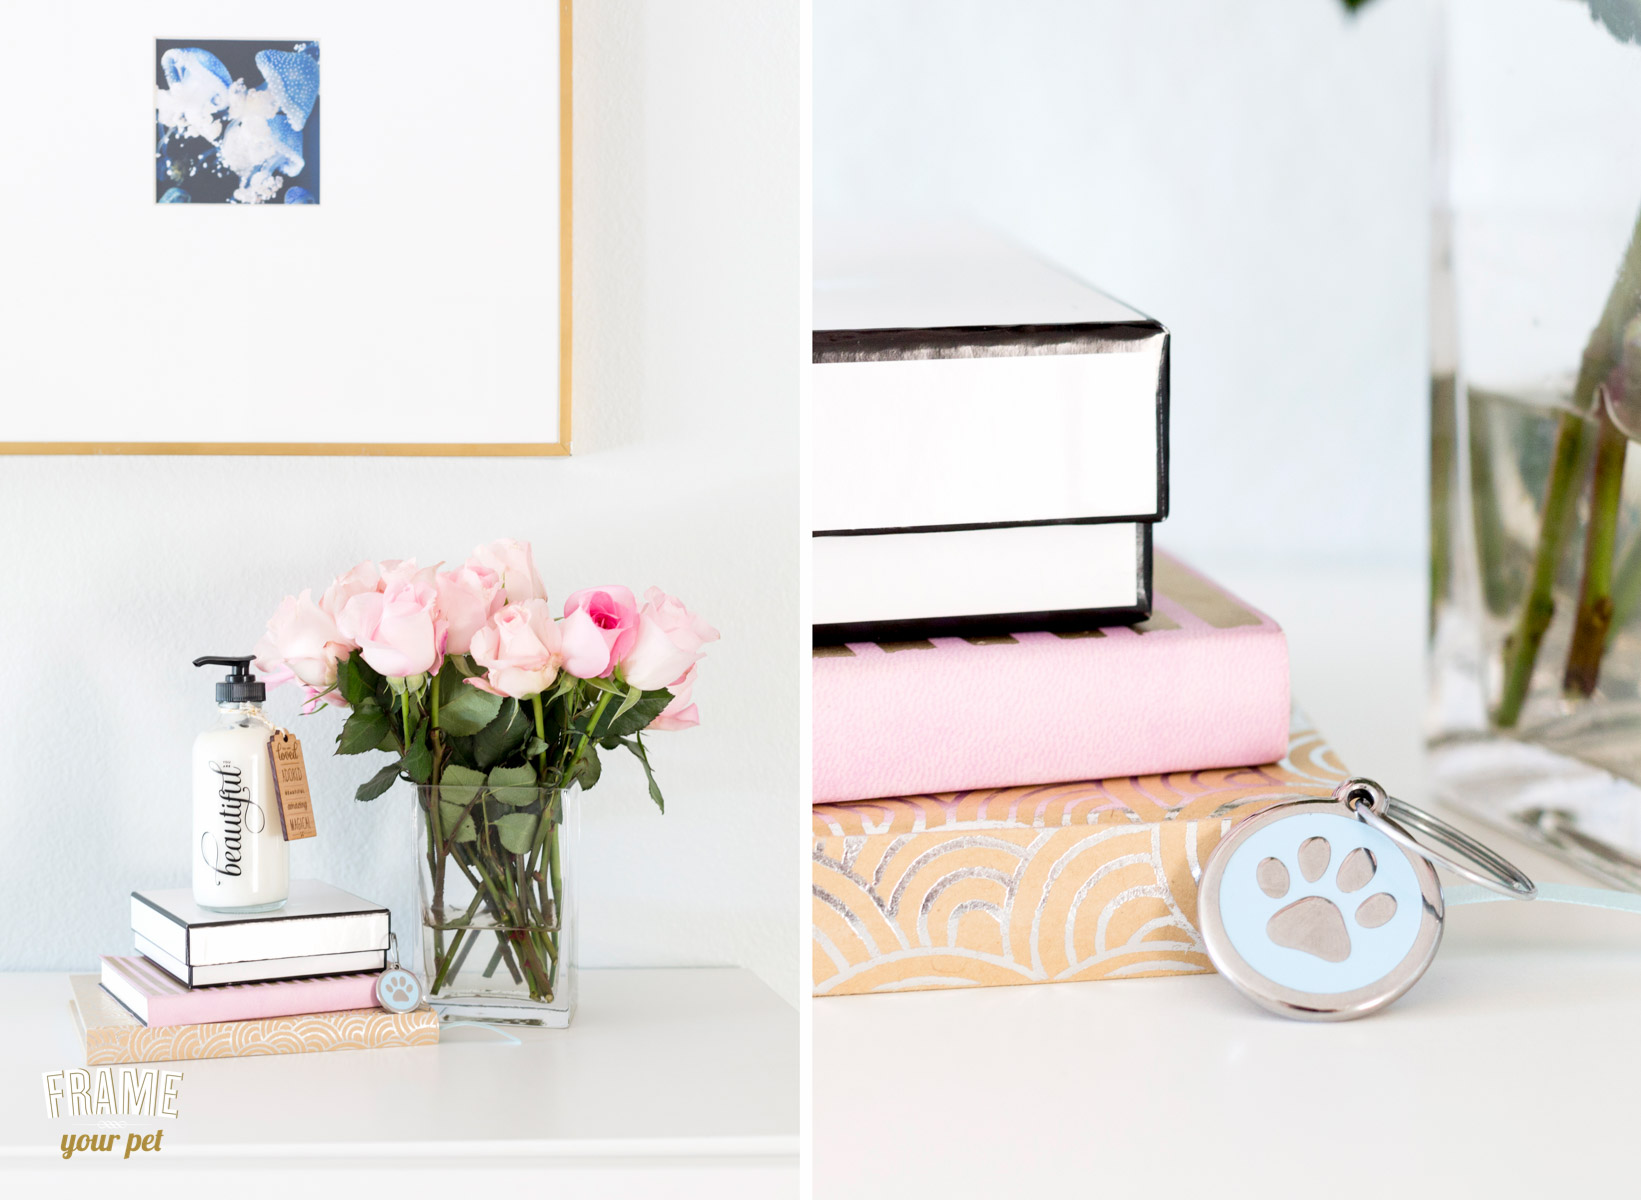 arianna-belle-pillow-designer-pretty-fluffy-vendor-55.jpg